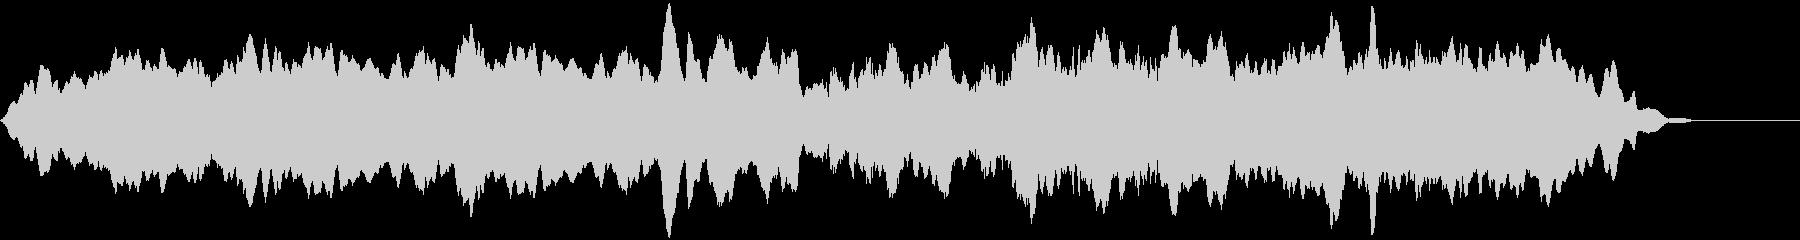 ゆっくりしたうなり声で安定したサブ...の未再生の波形